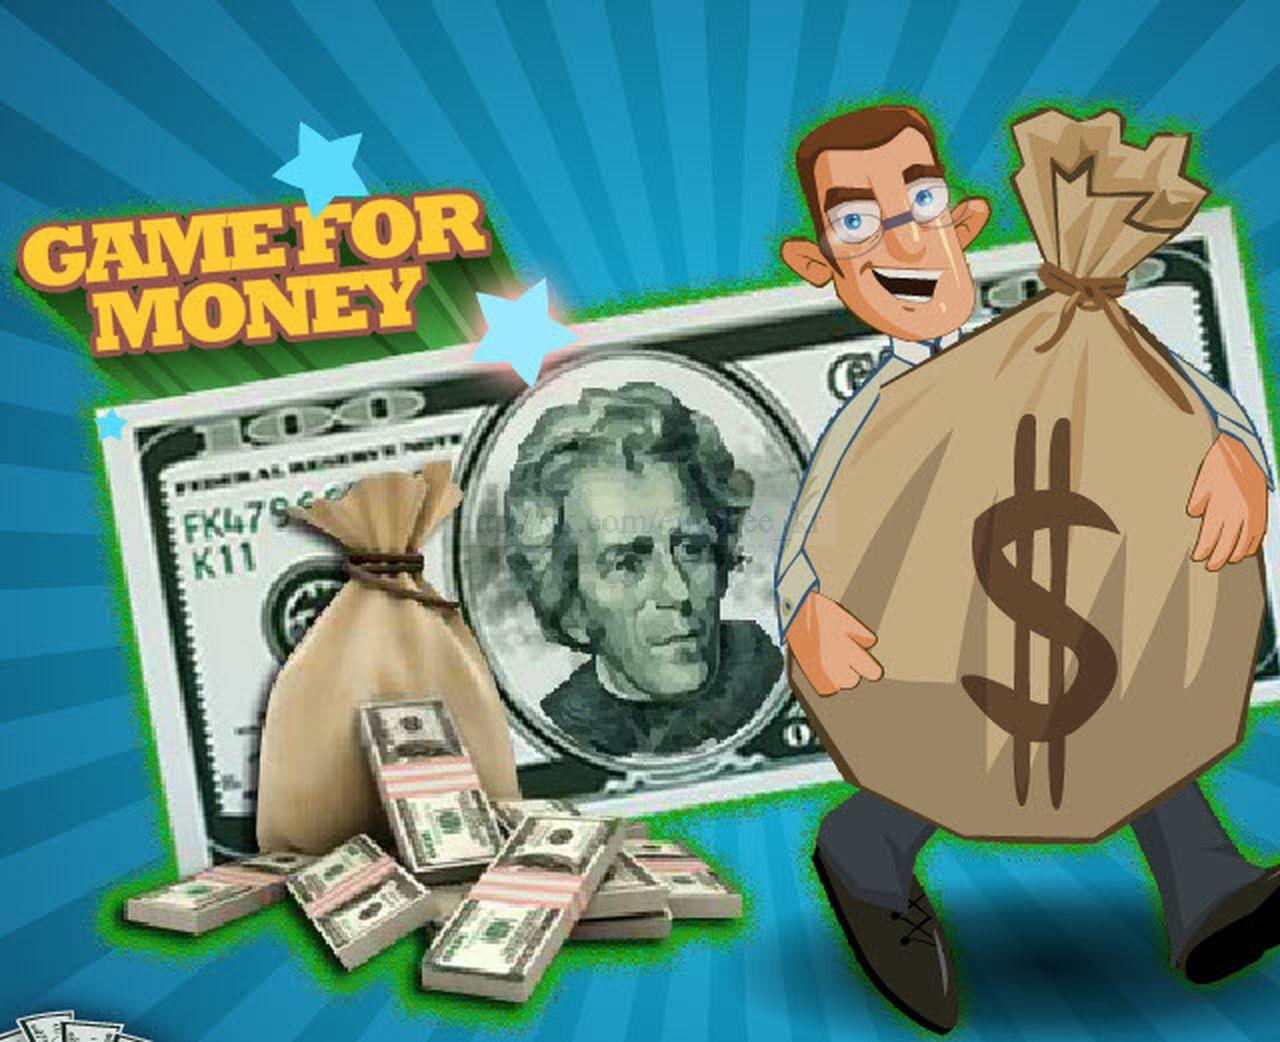 список играть на деньги без вложения забыть отрегулировать